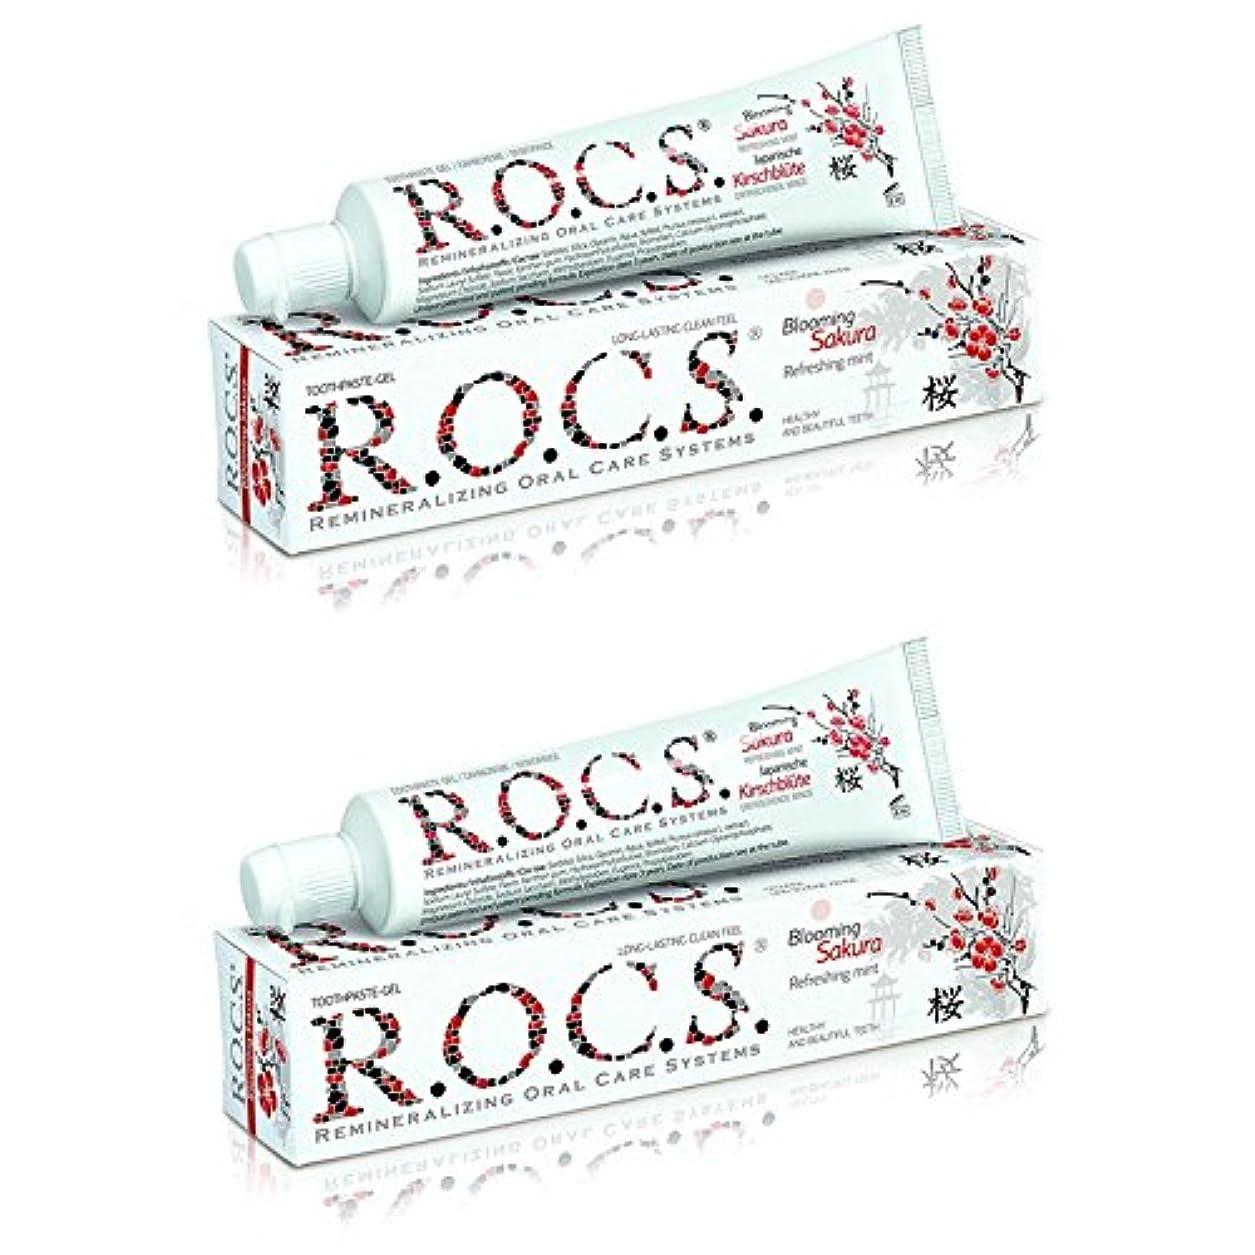 シニス小切手クアッガR.O.C.S. ロックス 歯磨き粉 ブルーミング サクラ BS (2箱セット)